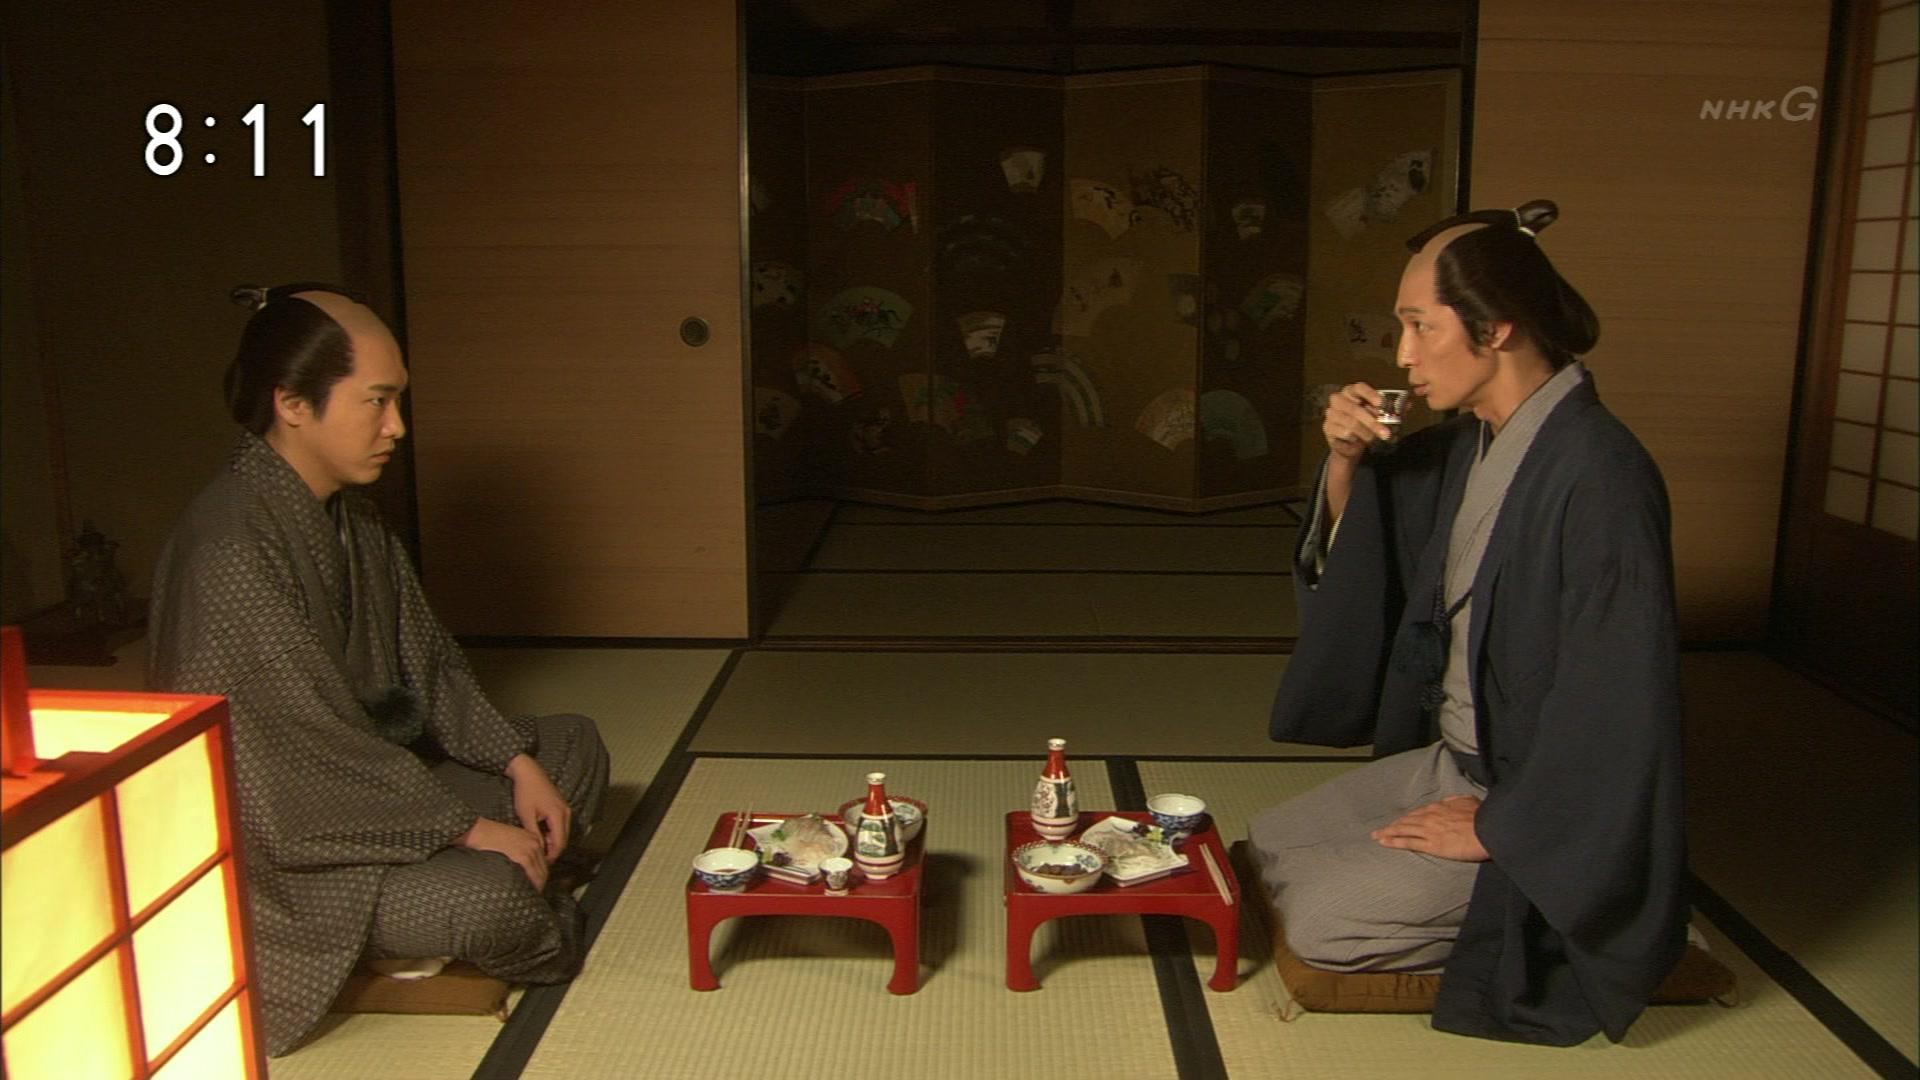 2015-10-08 08:00 連続テレビ小説 あさが来た(10)「ふたつの花びら」 2192